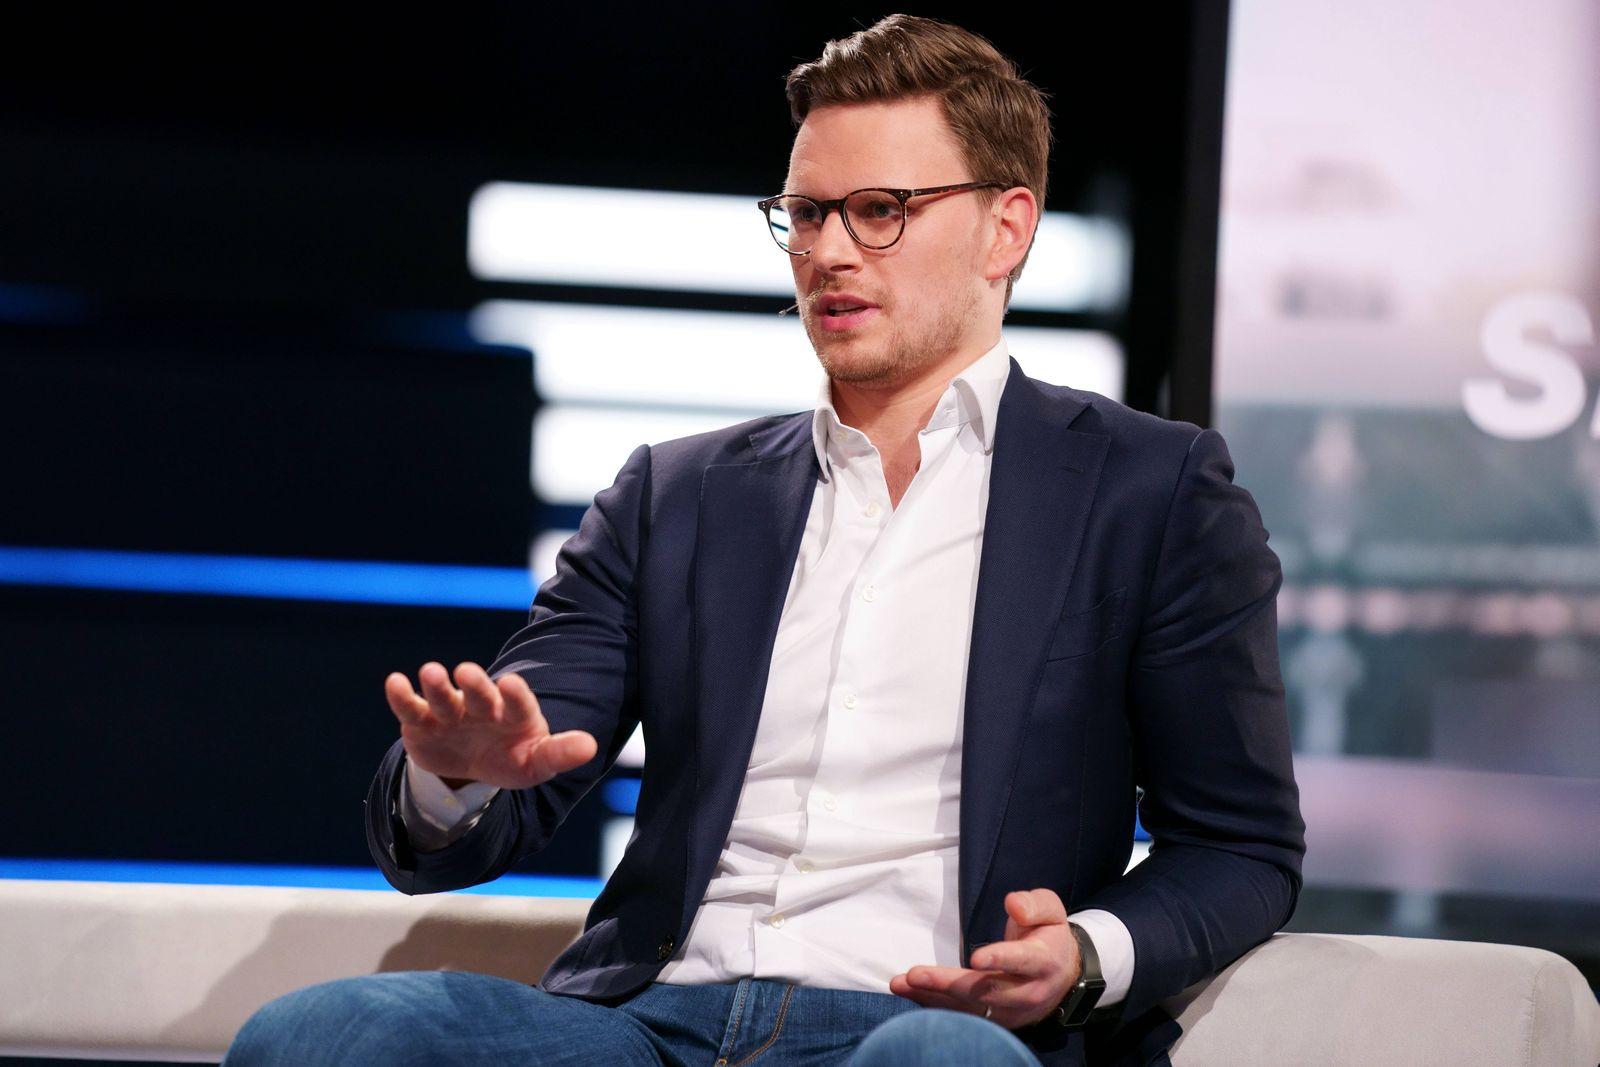 JONAS BAER-HOFFMANN DAS AKTUELLE SPORTSTUDIO ZDF MAINZ PUBLICATIONxNOTxINxUSA